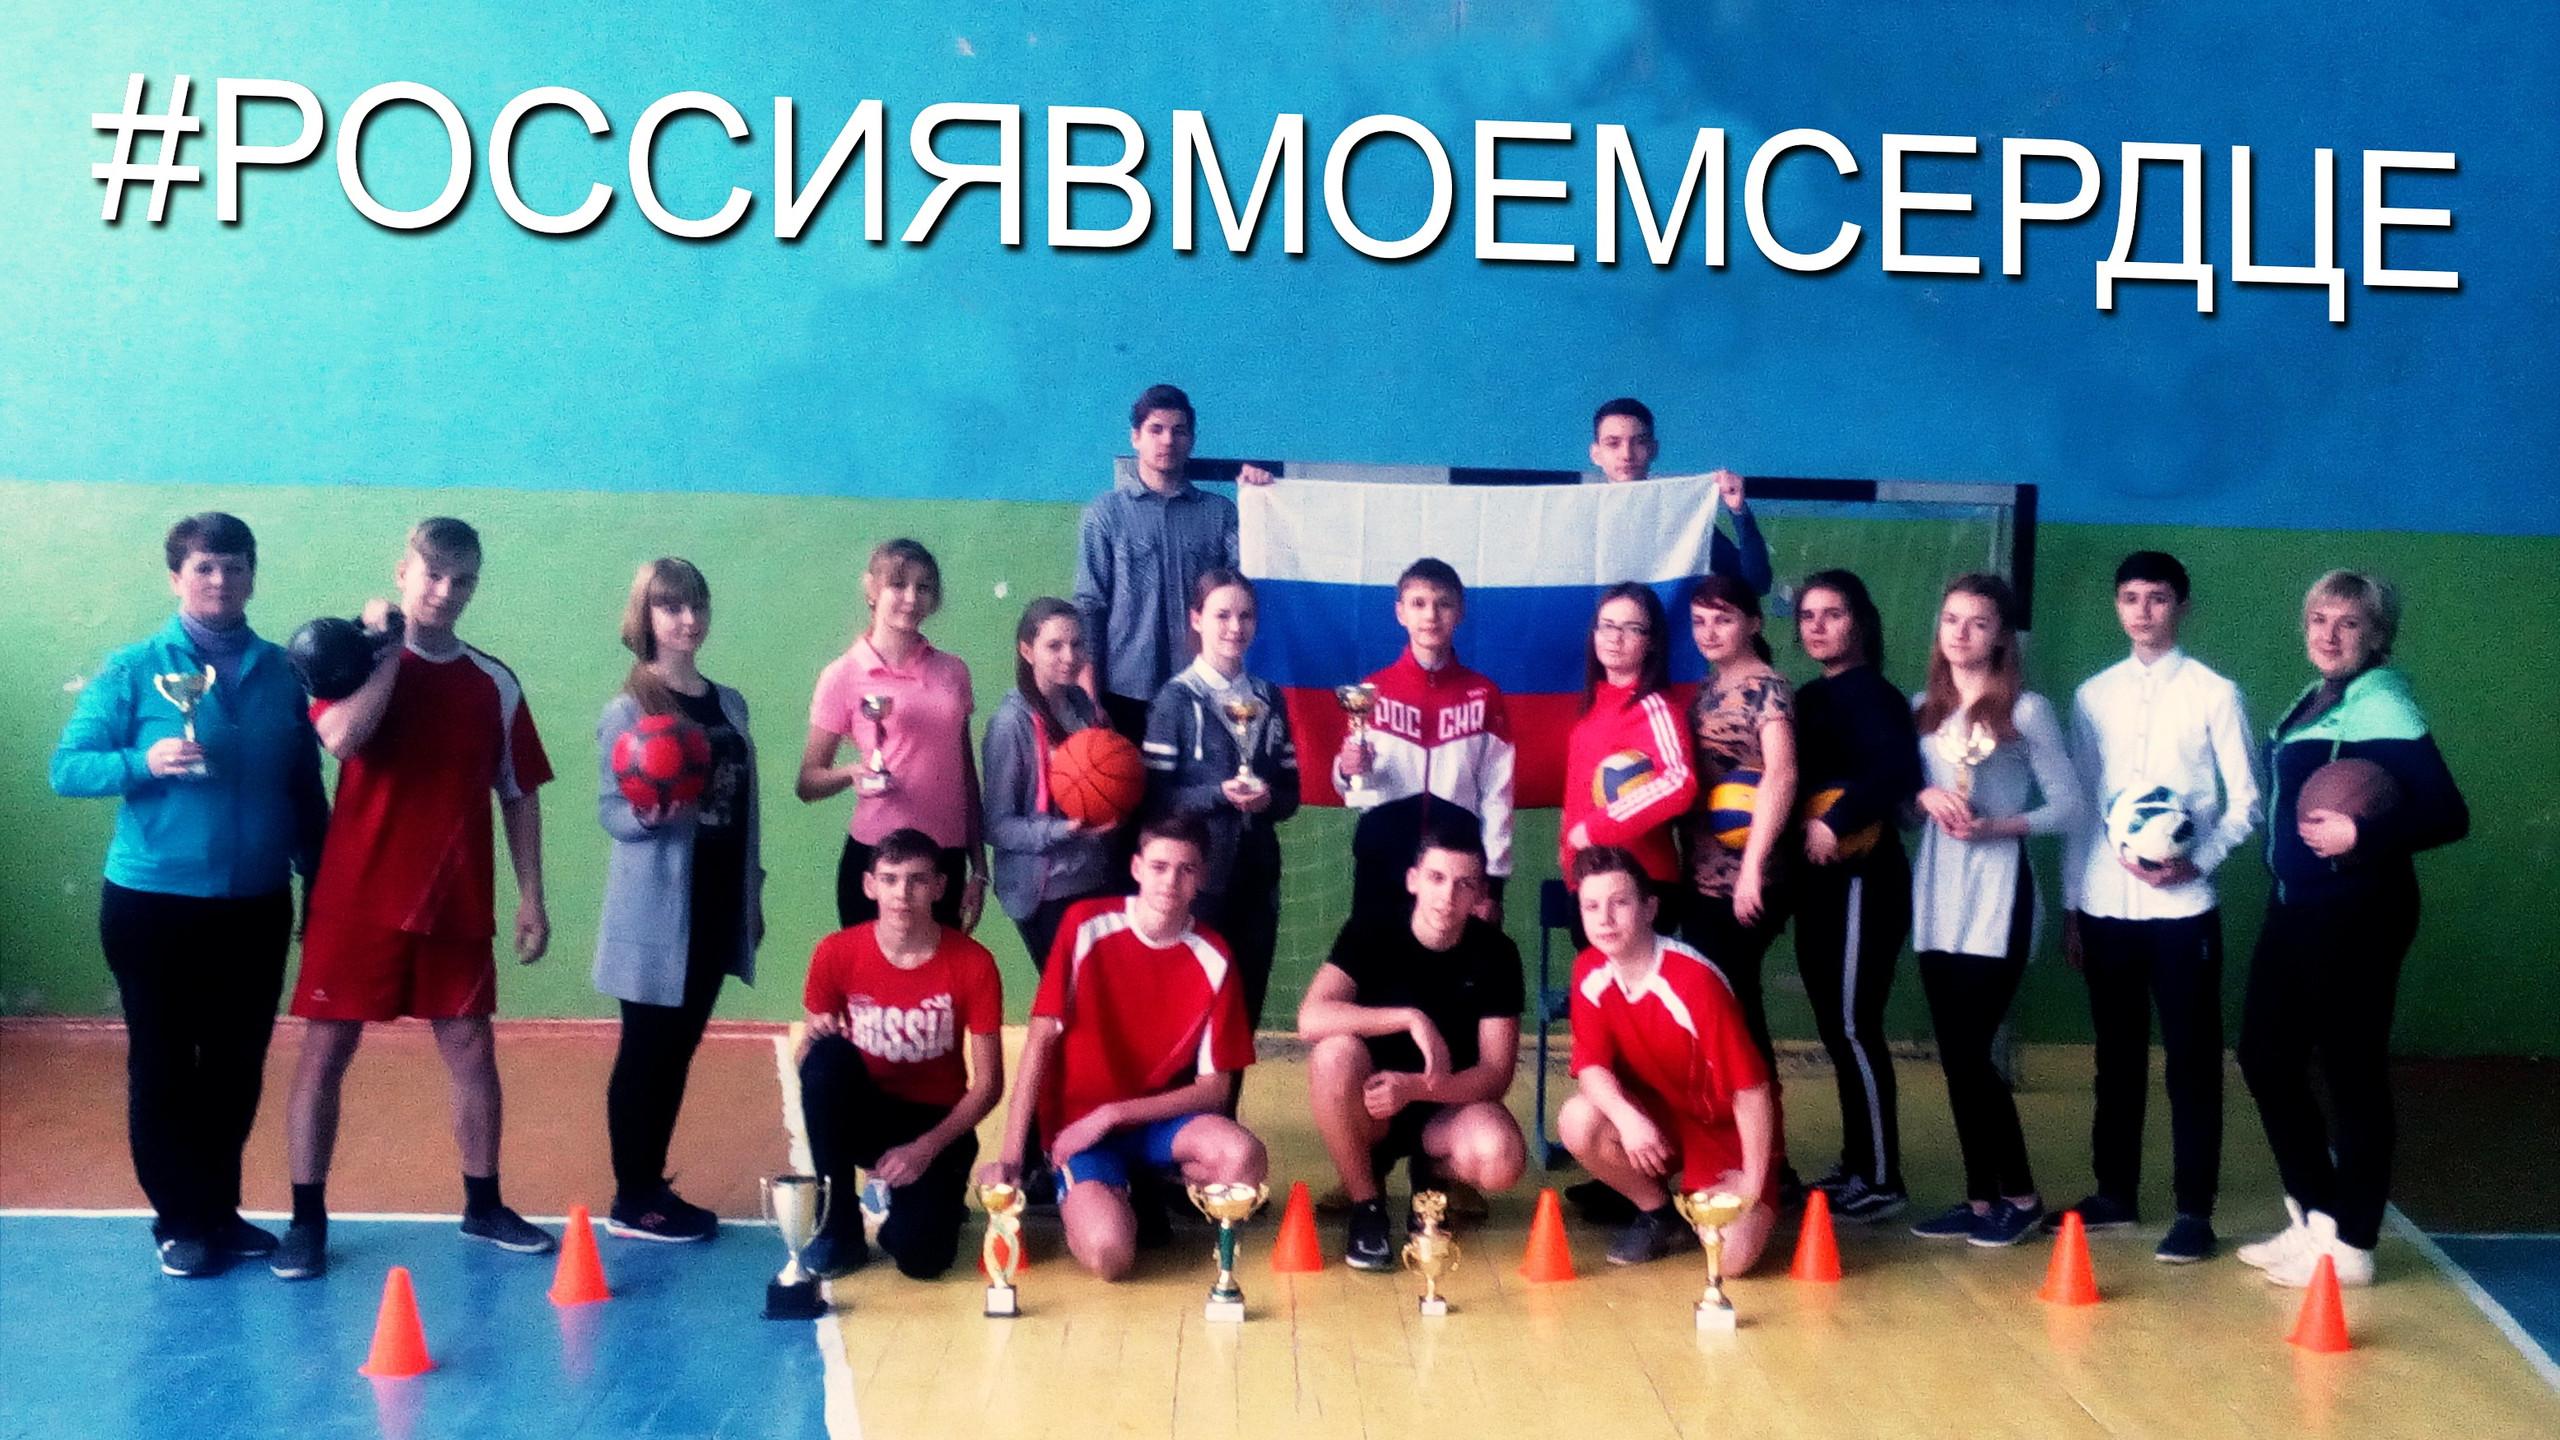 #РОССИЯВМОЕМСЕРДЦЕ МБОУ ССОШ №2 г Стародуб Брянская обл в поддержку российских олимпийцев (2)